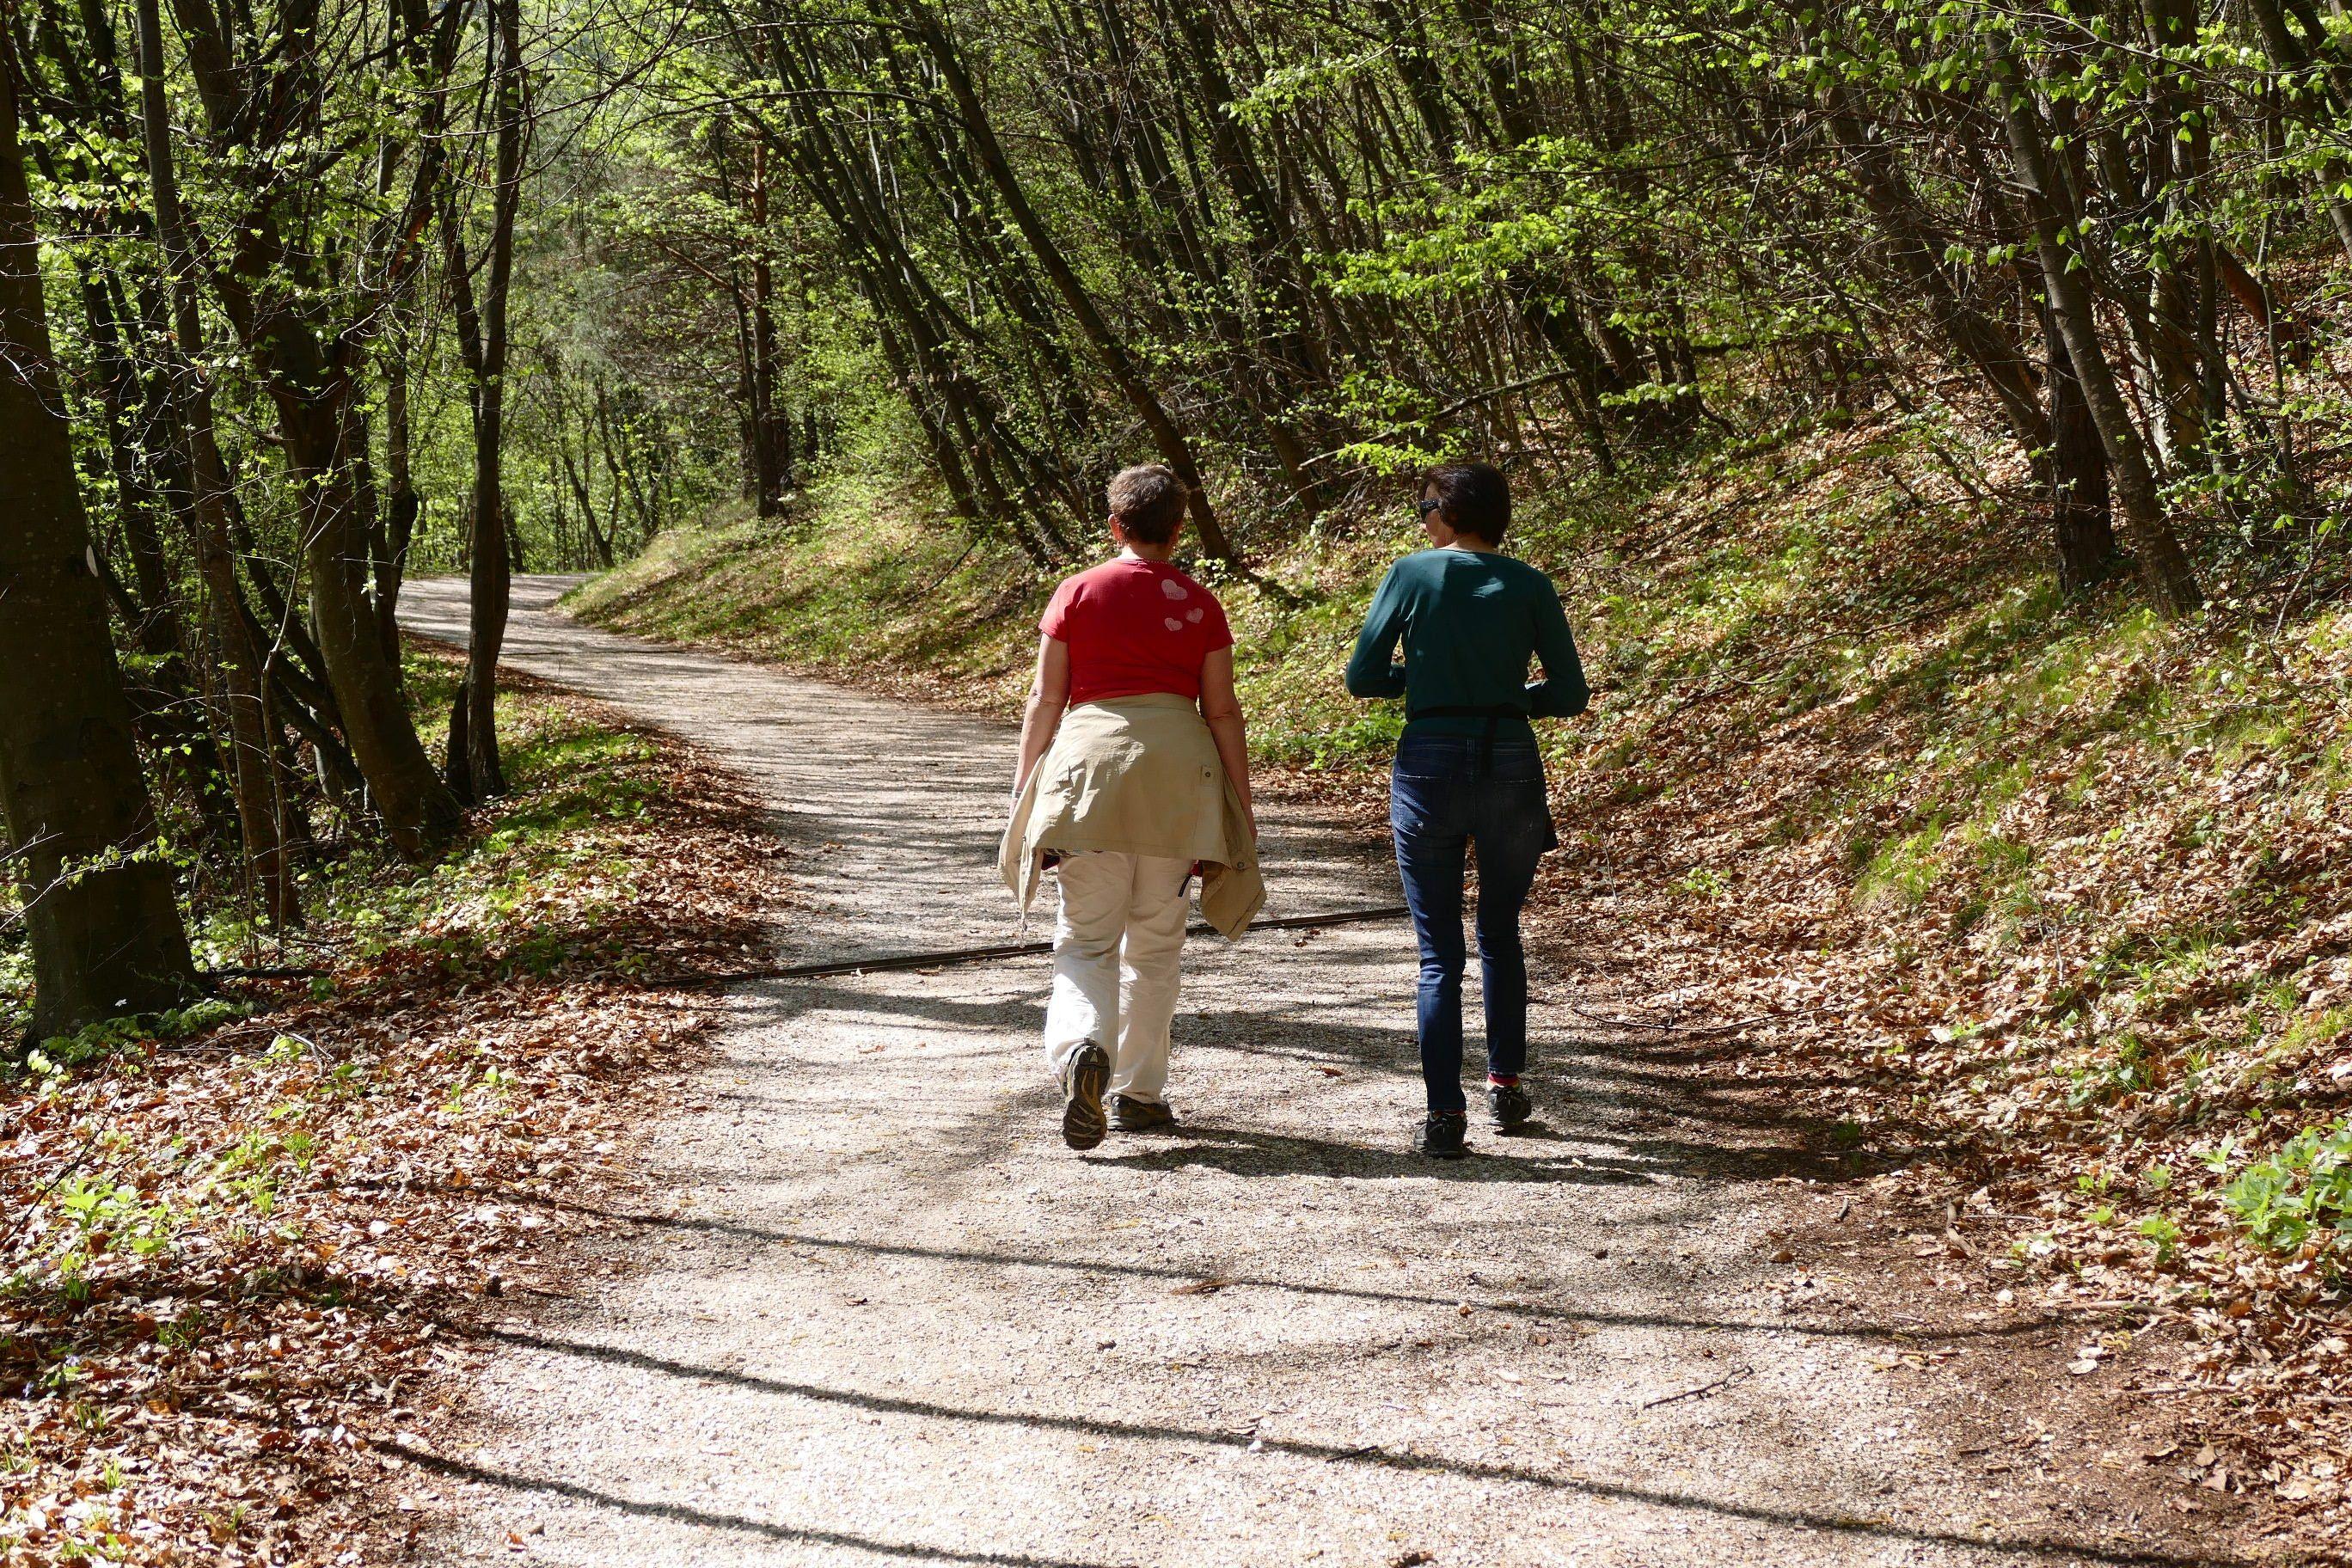 Spaziergang in den Wäldern Spaniens